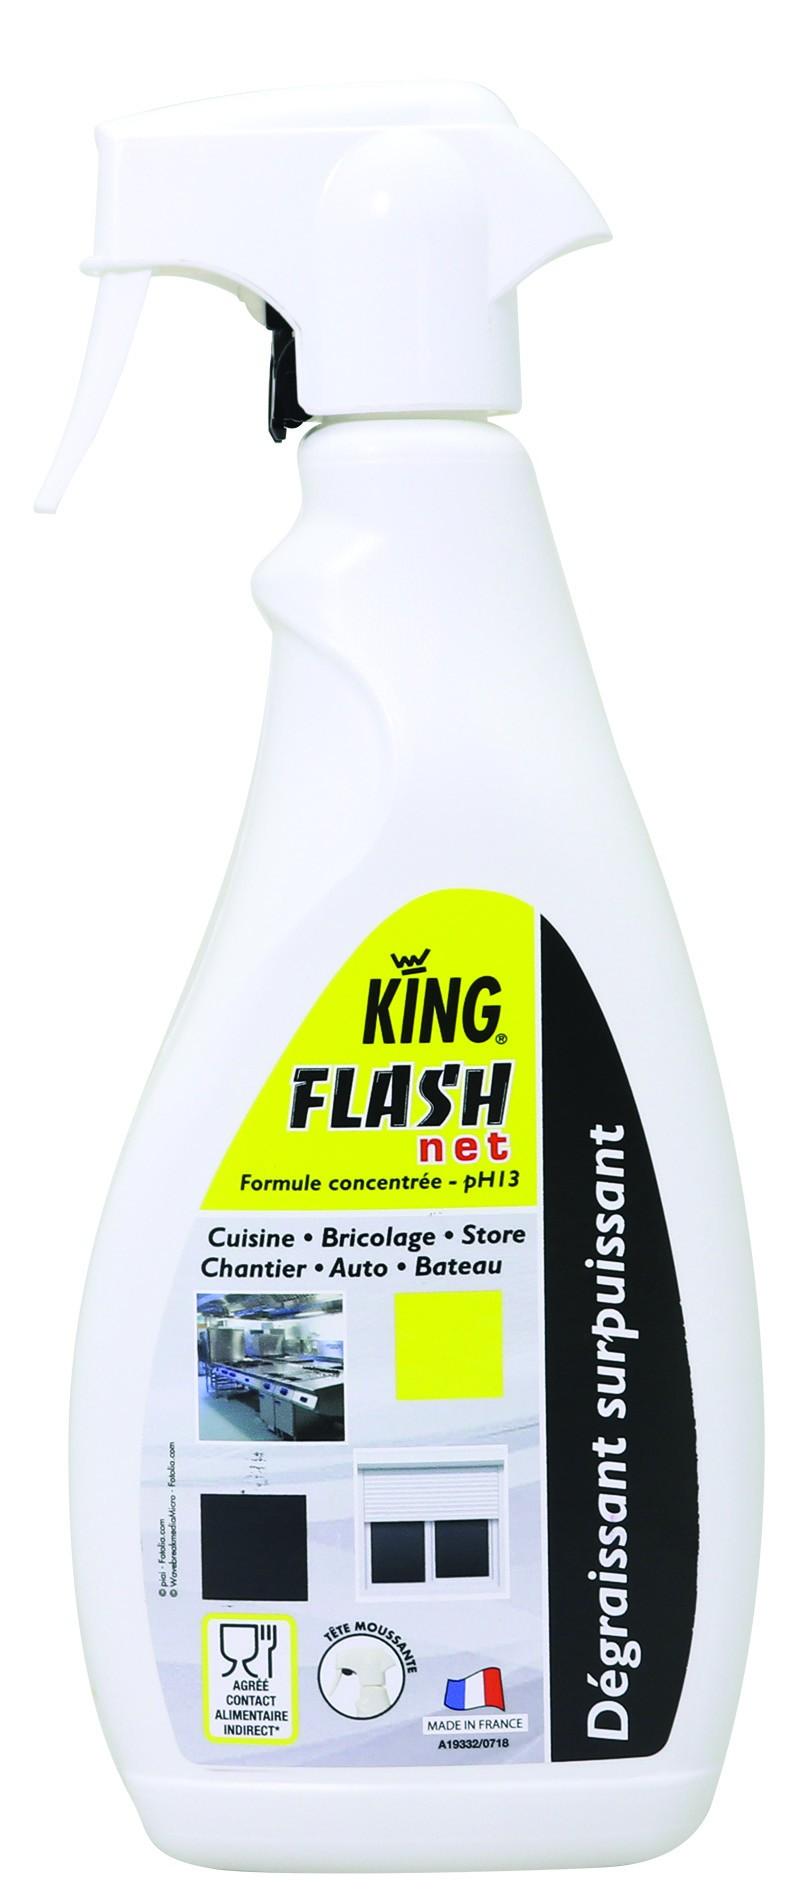 KING FLASH'NET DEGRAISSANT SURPUISSANT 750 ml